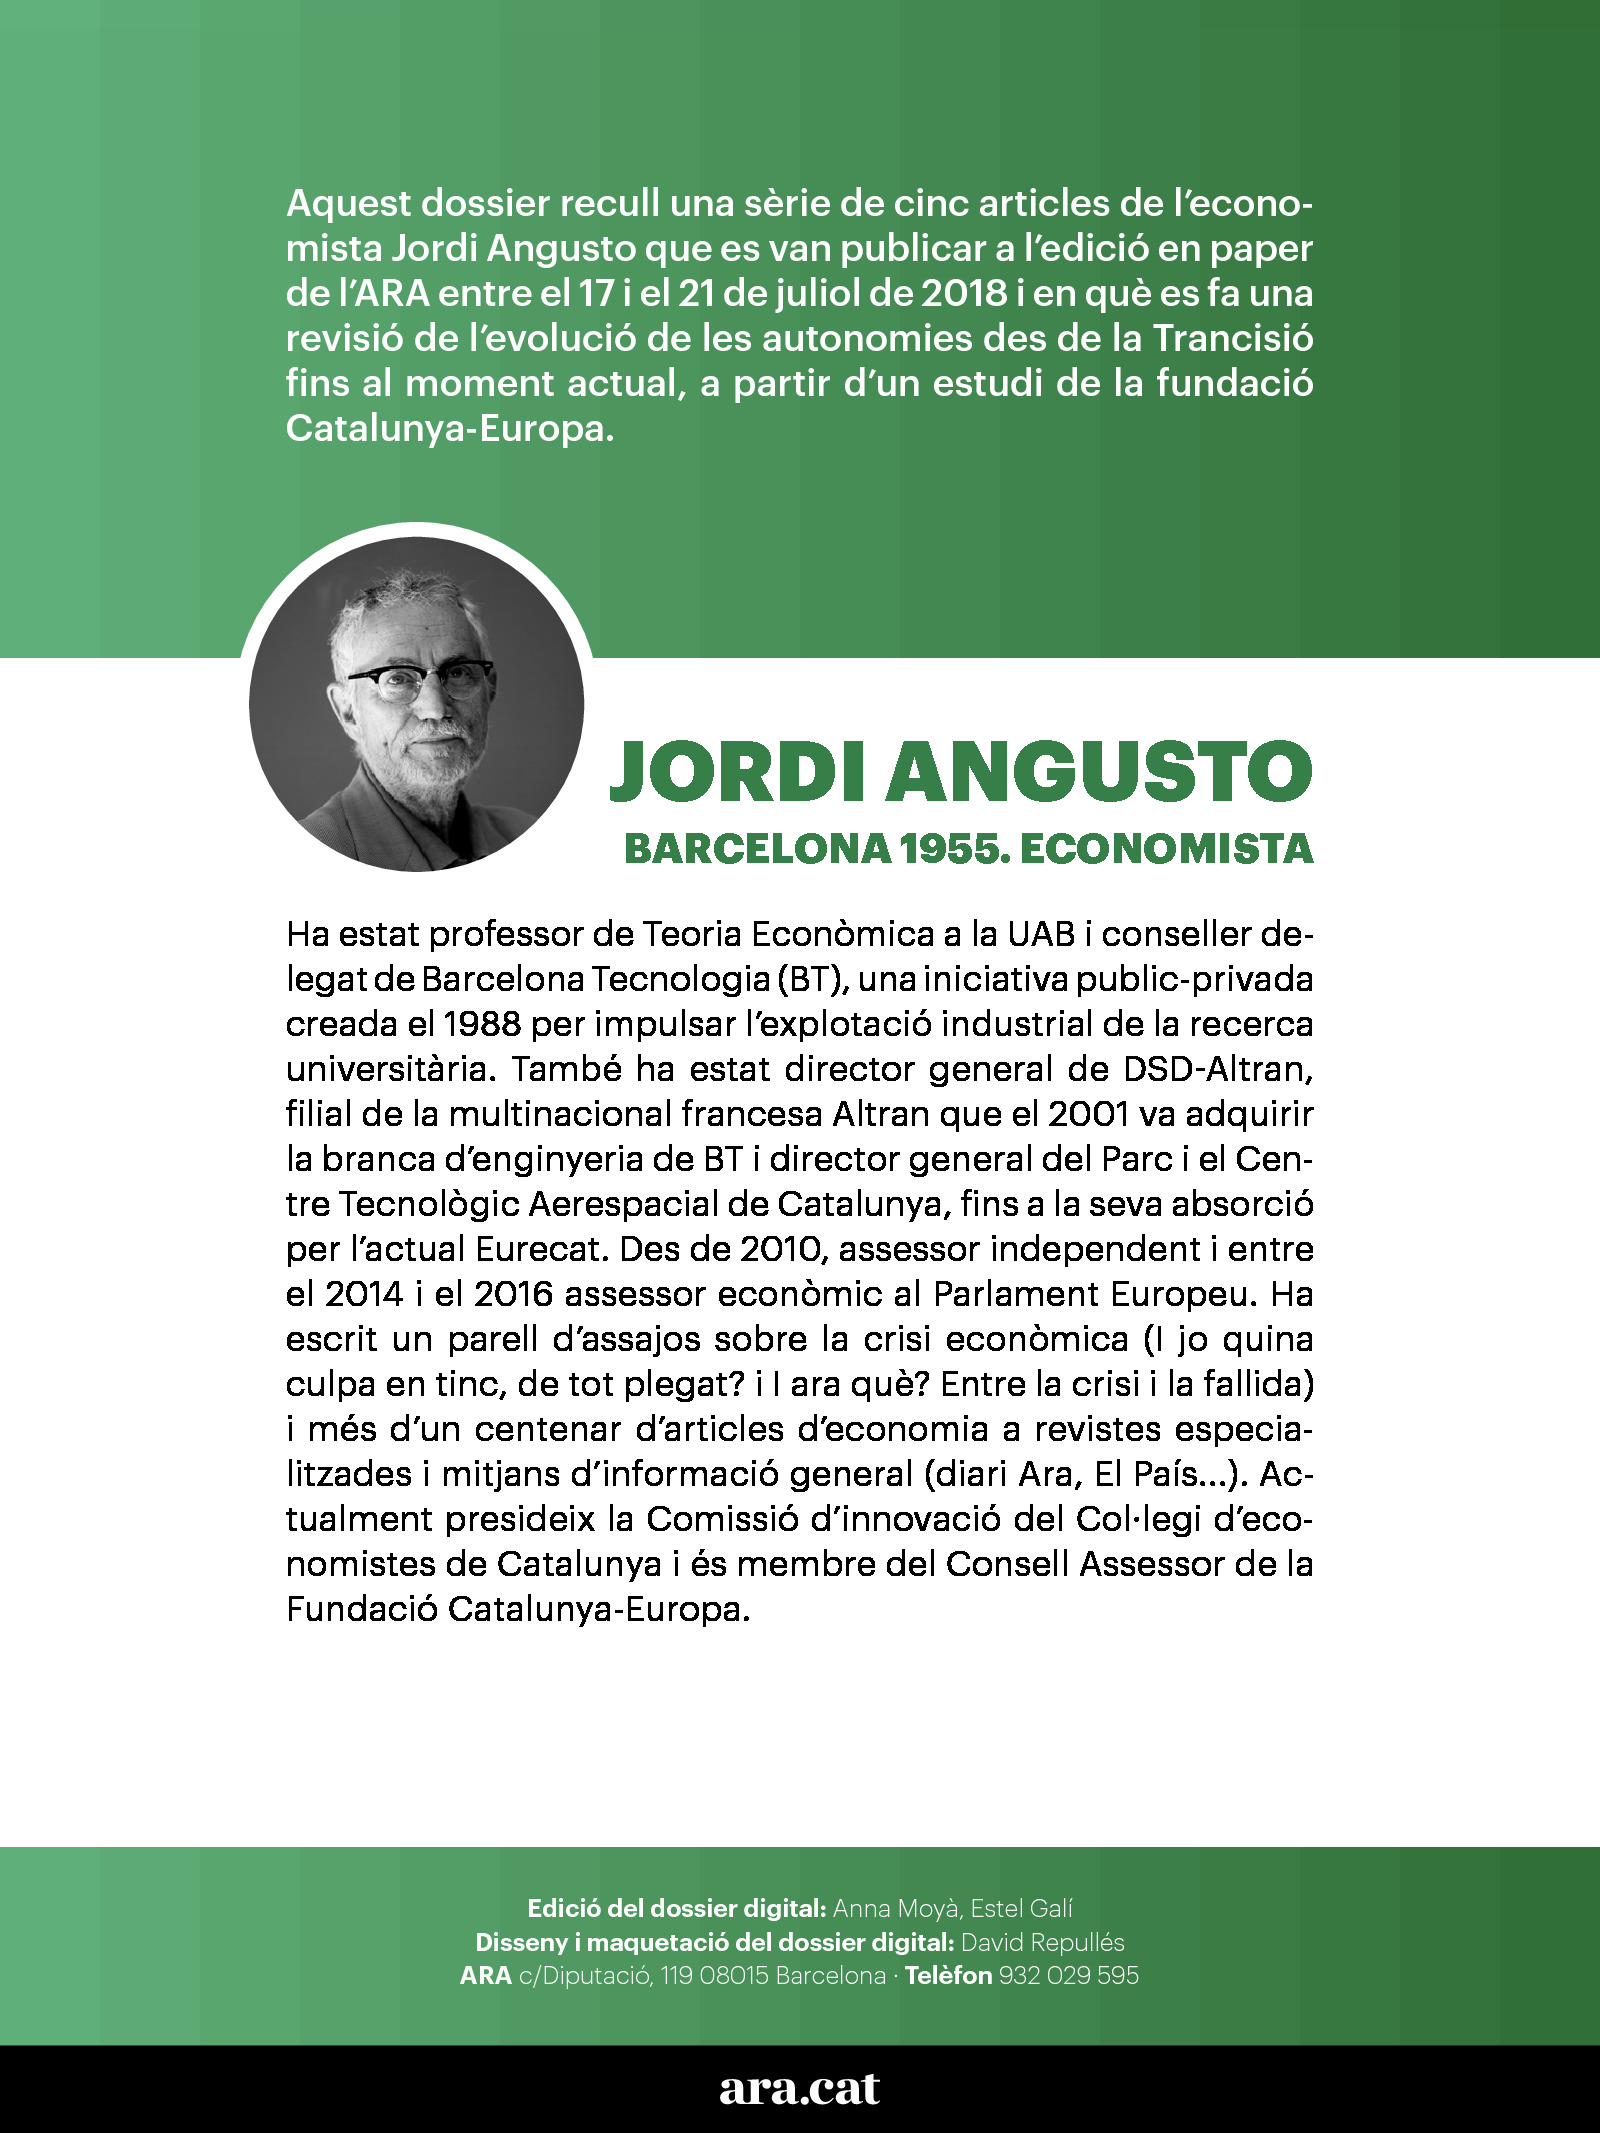 Radiografia econòmica de l'Estat de les autonomies 1